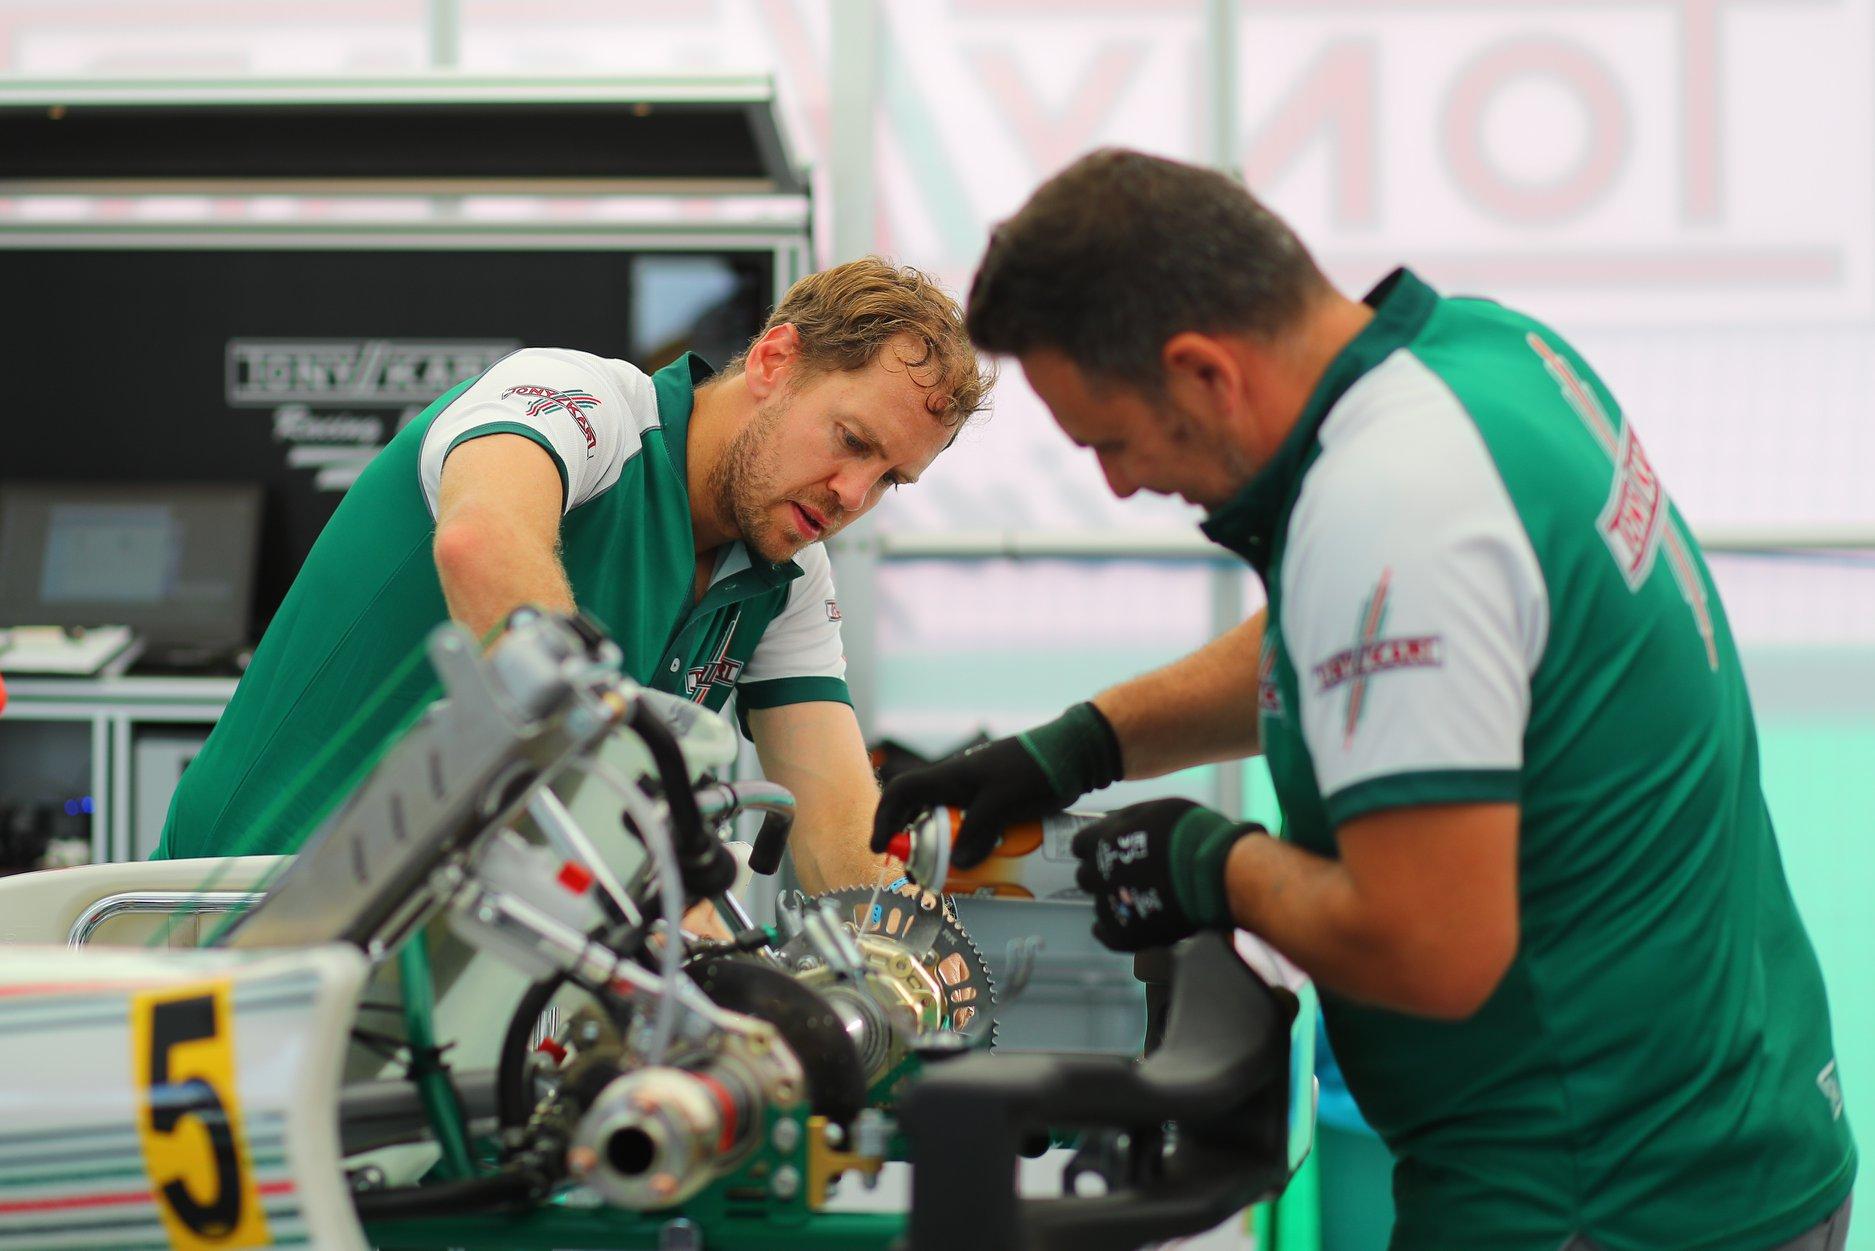 Sebastian_Vettel_testing_Tony_Kart_0008